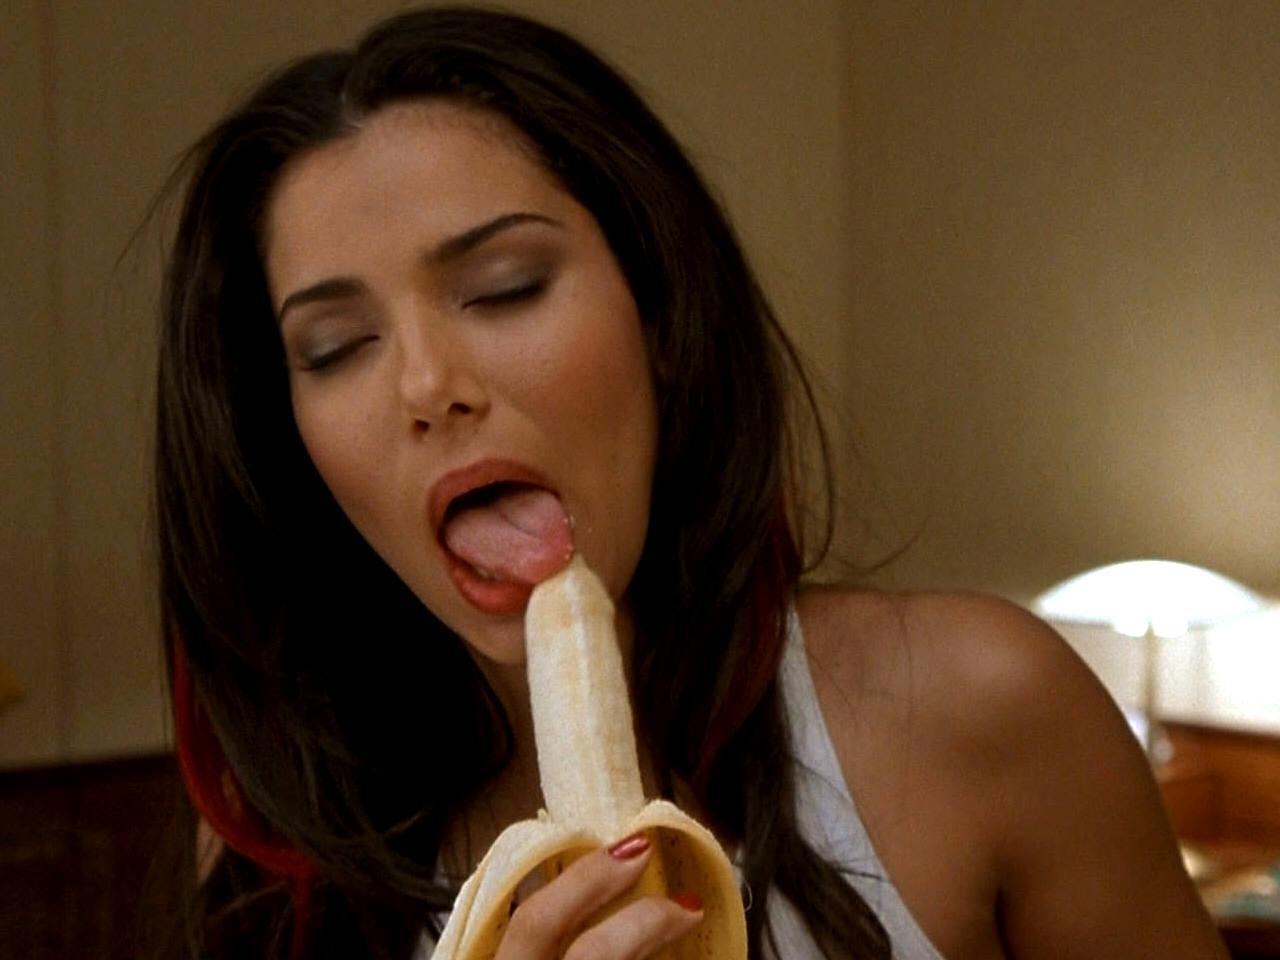 http://3.bp.blogspot.com/-brH1XlBKEDA/ThaYwrY6kjI/AAAAAAAAAQQ/LQ-_uVZk2jc/s1600/Roselyn+Sanchez+hot+banana.jpg